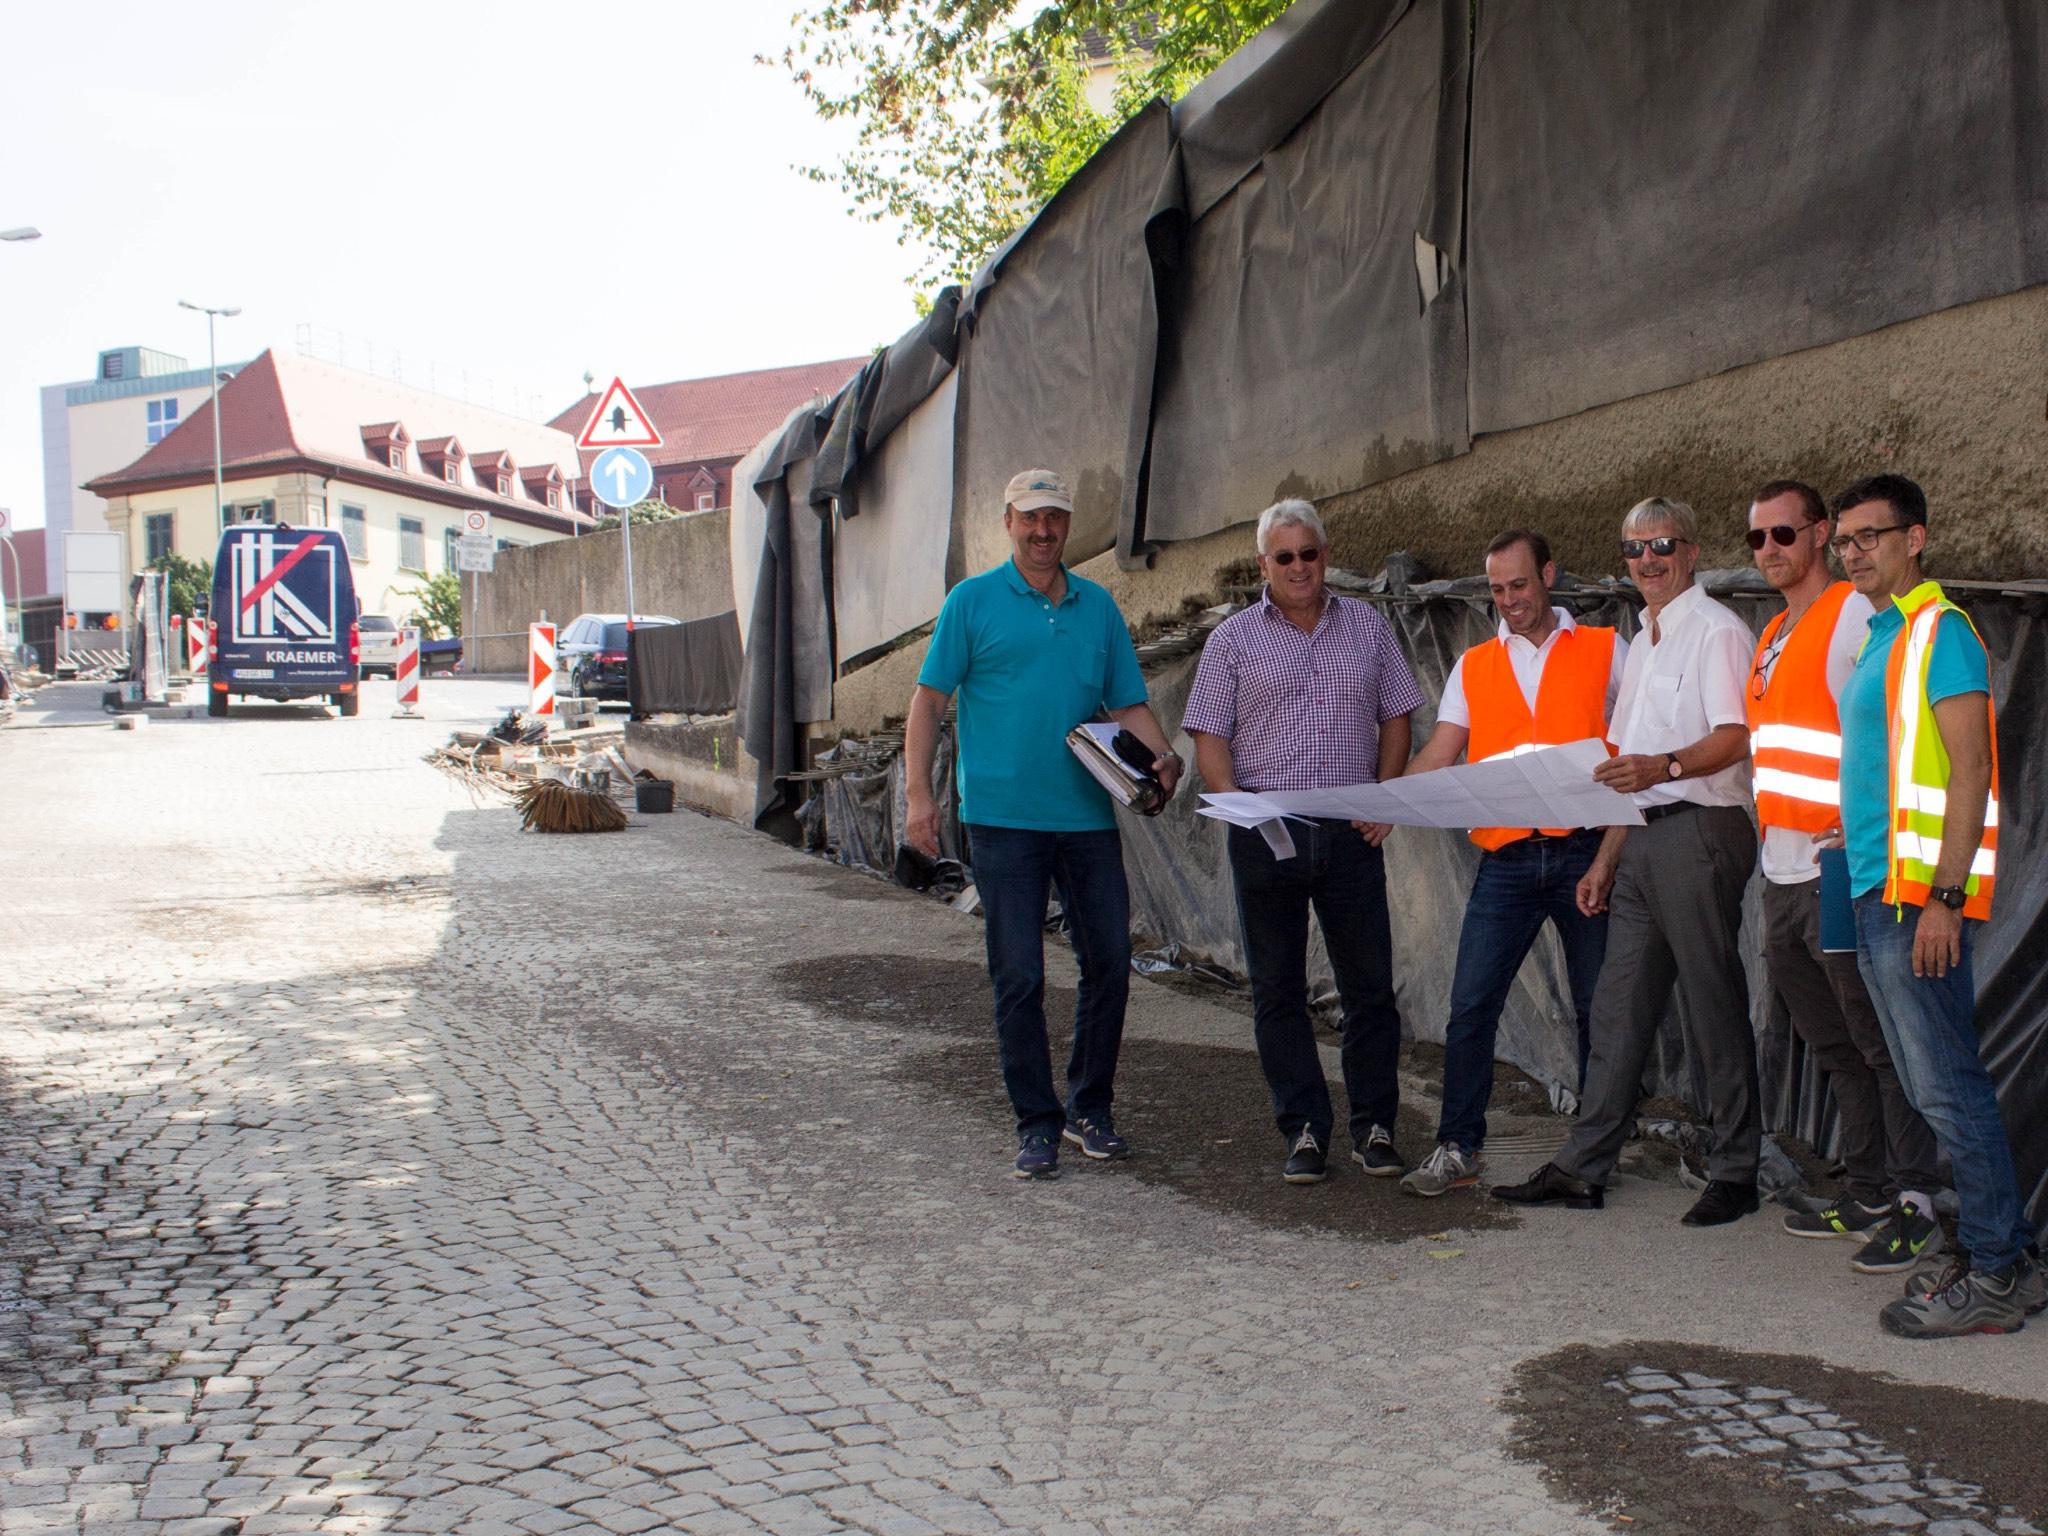 Baureferent Prof. Christian Baumgart (3.v.re.) machte sich gemeinsam mit dem Leiter des Fachbereichs Bauen, Jörg Roth (2.v.li.), einen Eindruck vom Baufortschritt. Foto: Claudia Lother